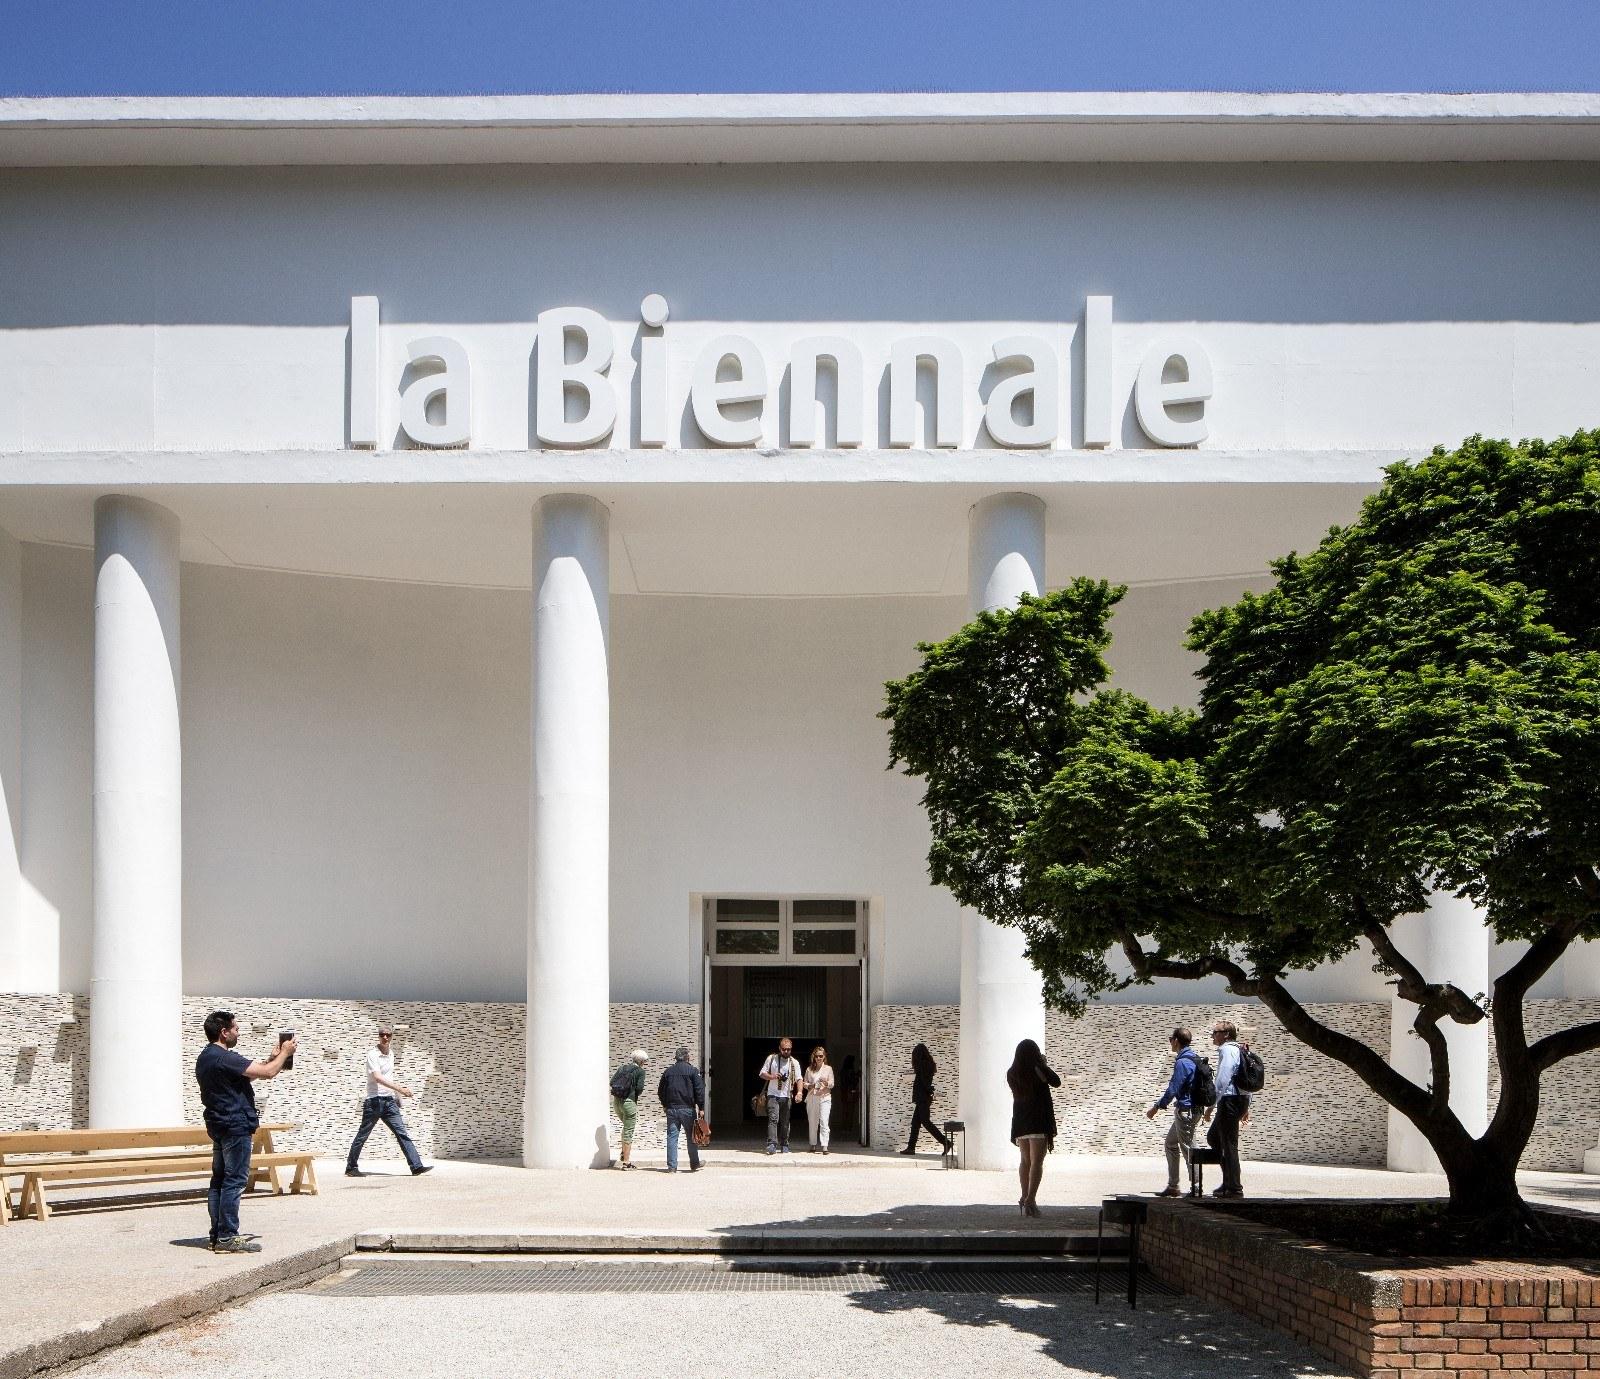 La Biennale signage on building